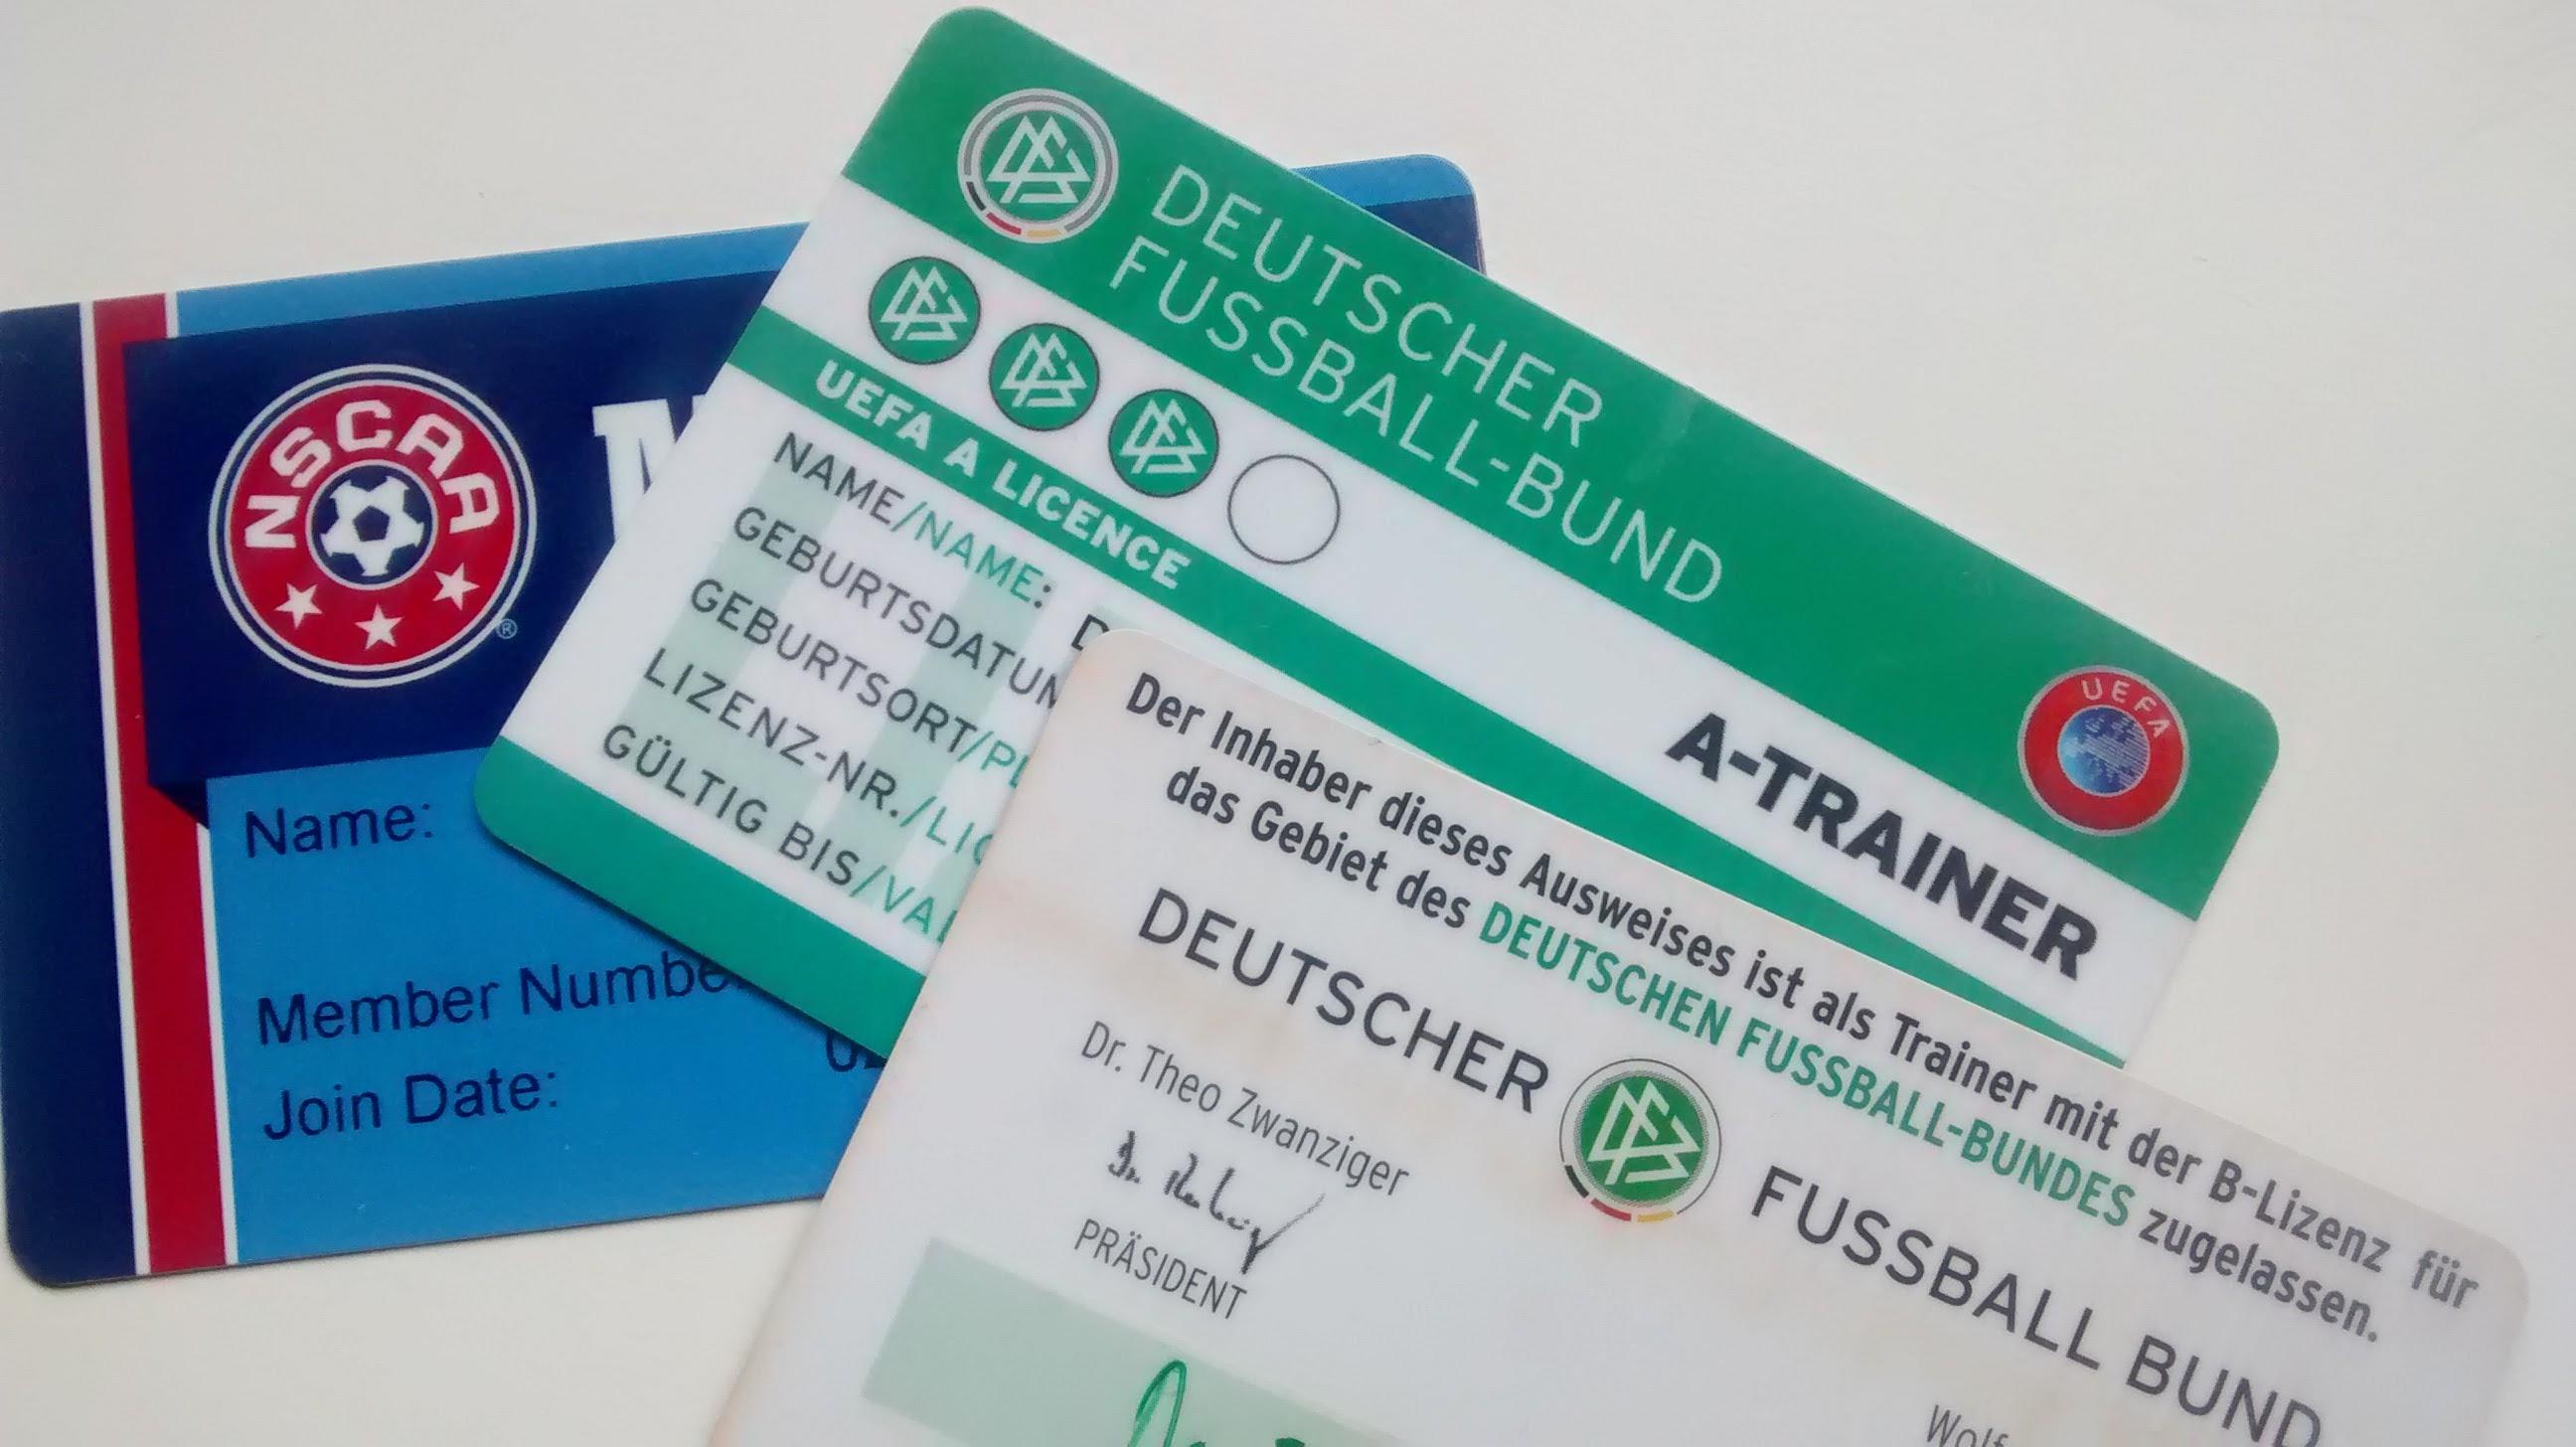 DFB Trainerschein A-Lizenz, B-Lizenz